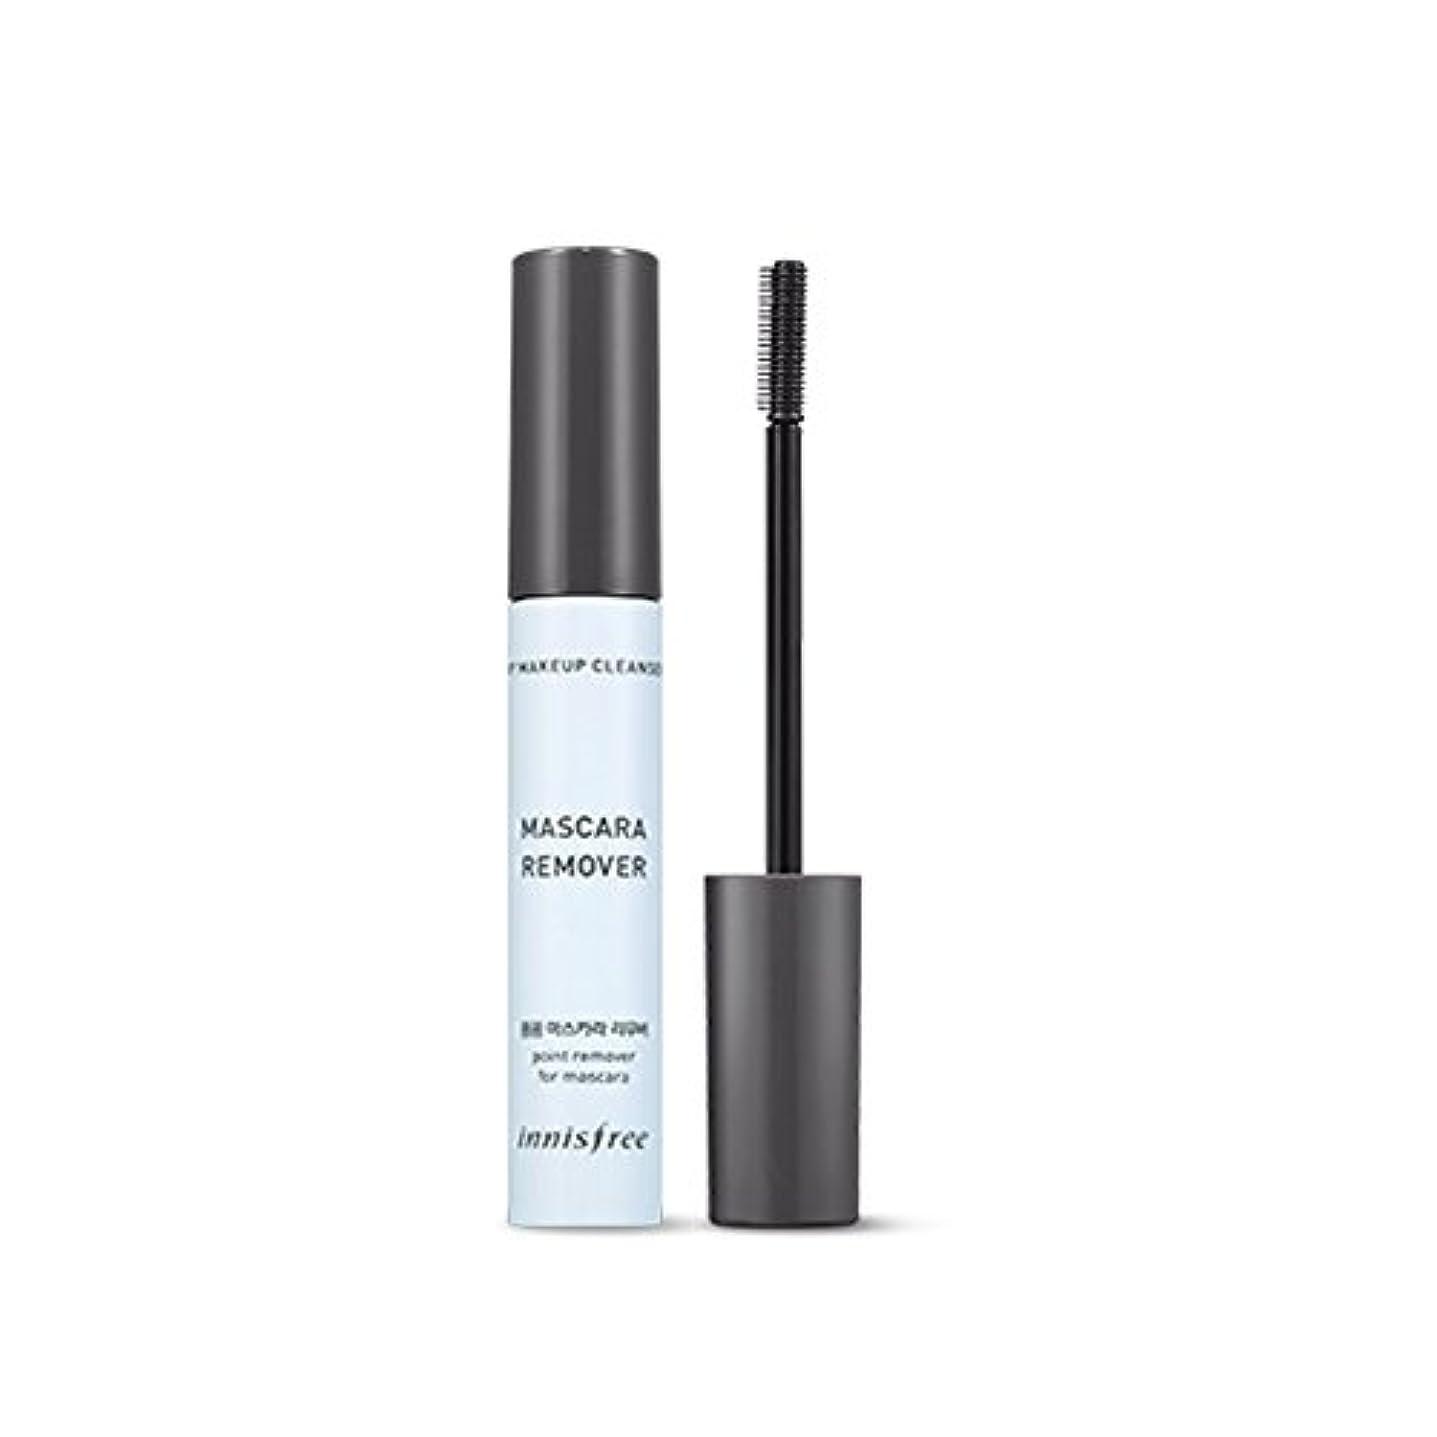 備品円形のバンカーイニスフリーマイメイクアップクレンザー - マスカラリムーバー9g x 1pcs Innisfree My Makeup Cleanser - Mascara Remover 9g x 1pcs [海外直送品][並行輸入品]